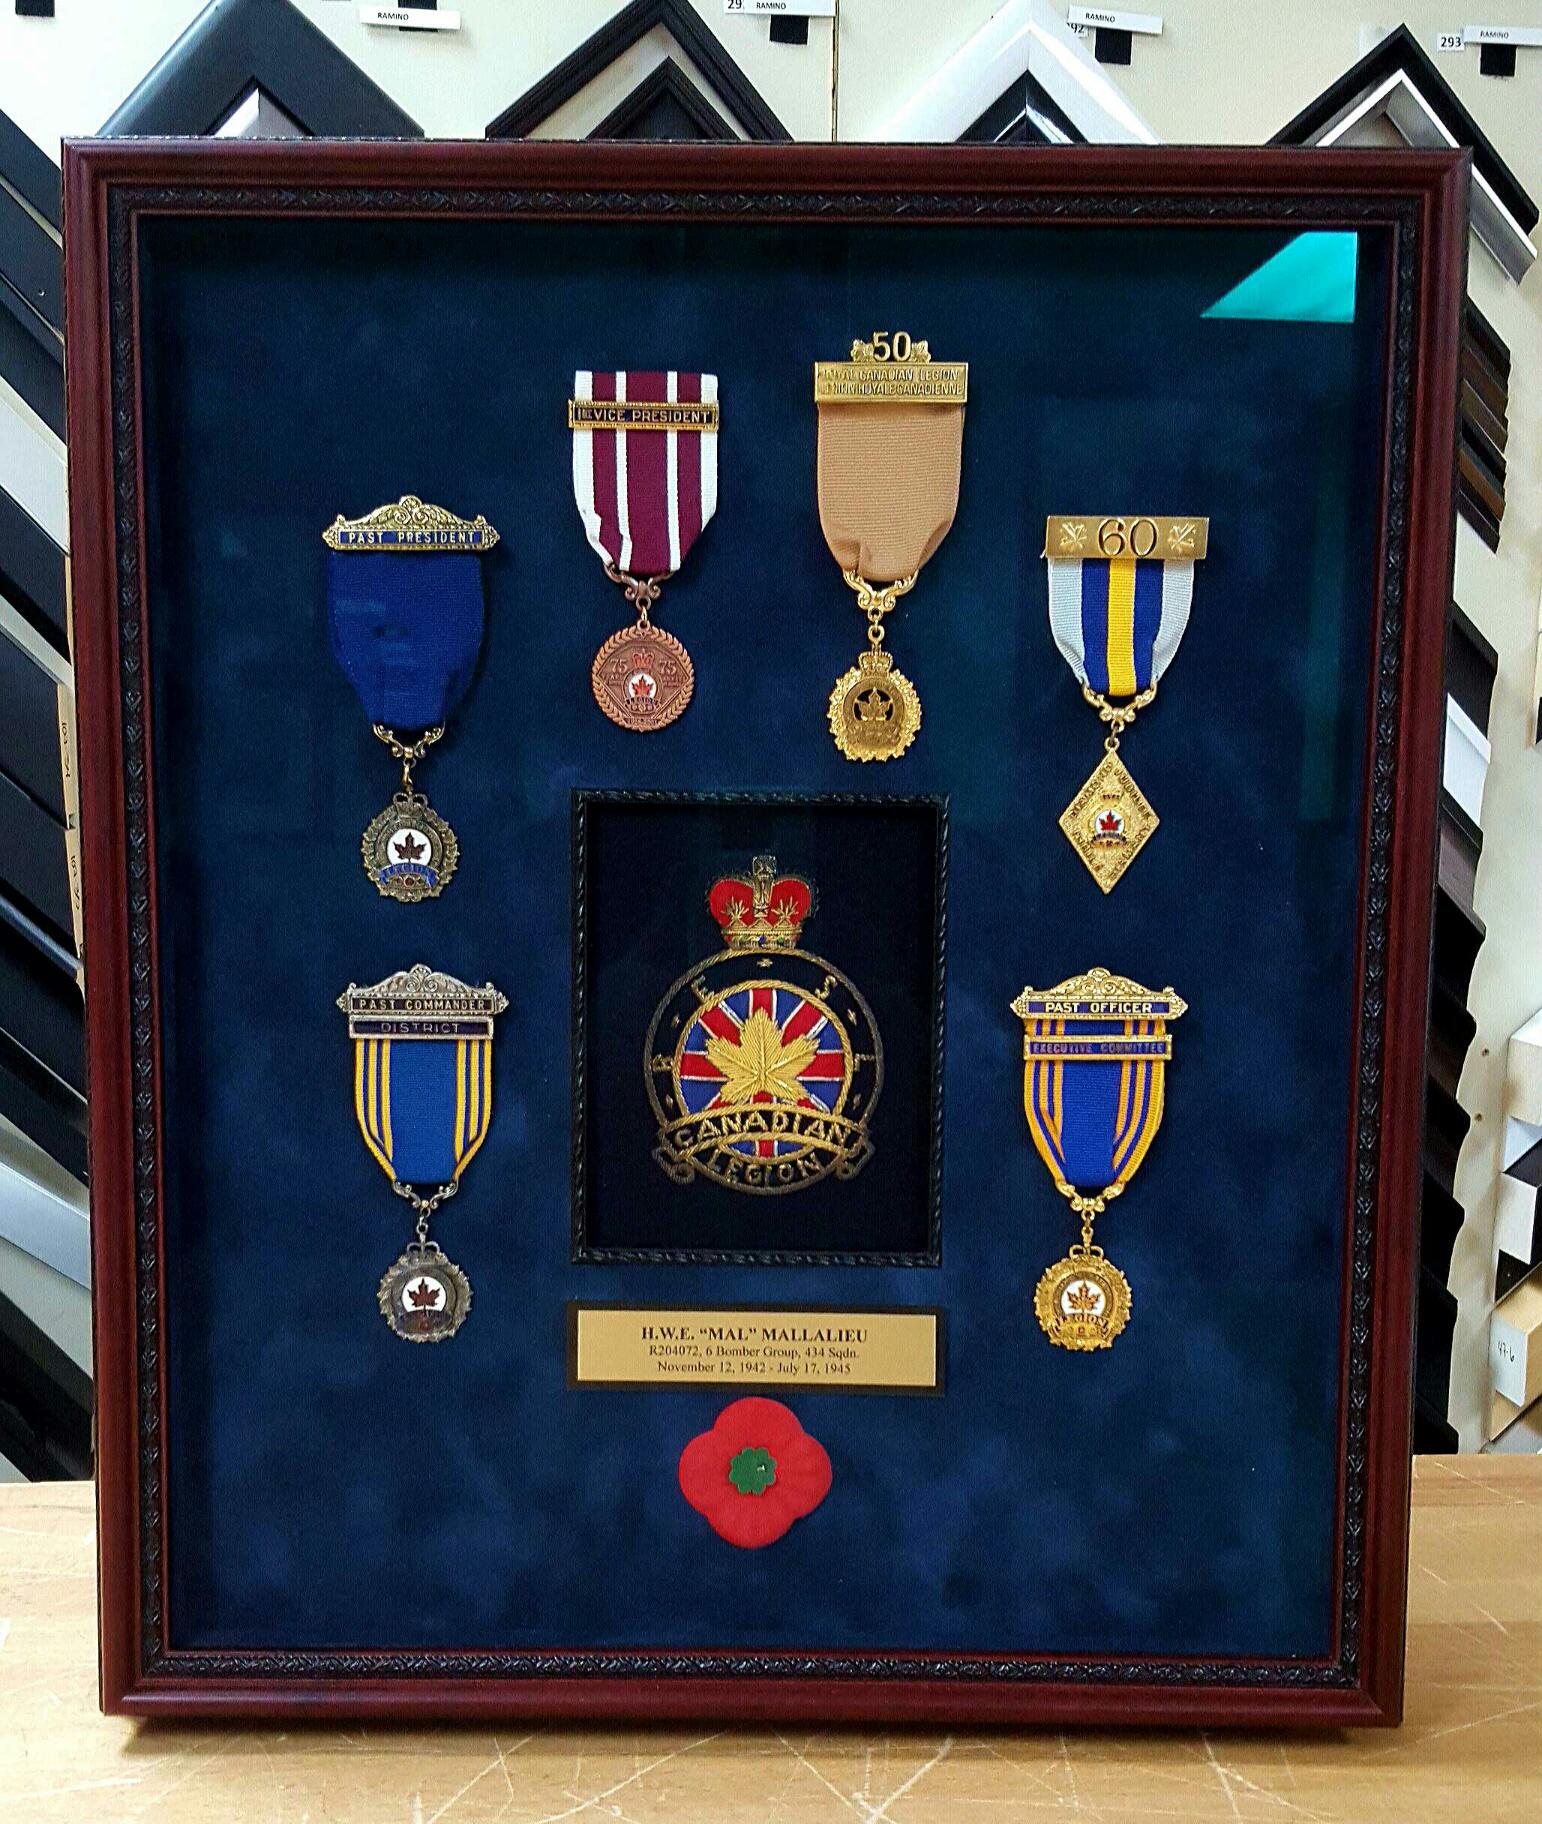 https://0901.nccdn.net/4_2/000/000/046/6ea/mallalieu-medals.jpg